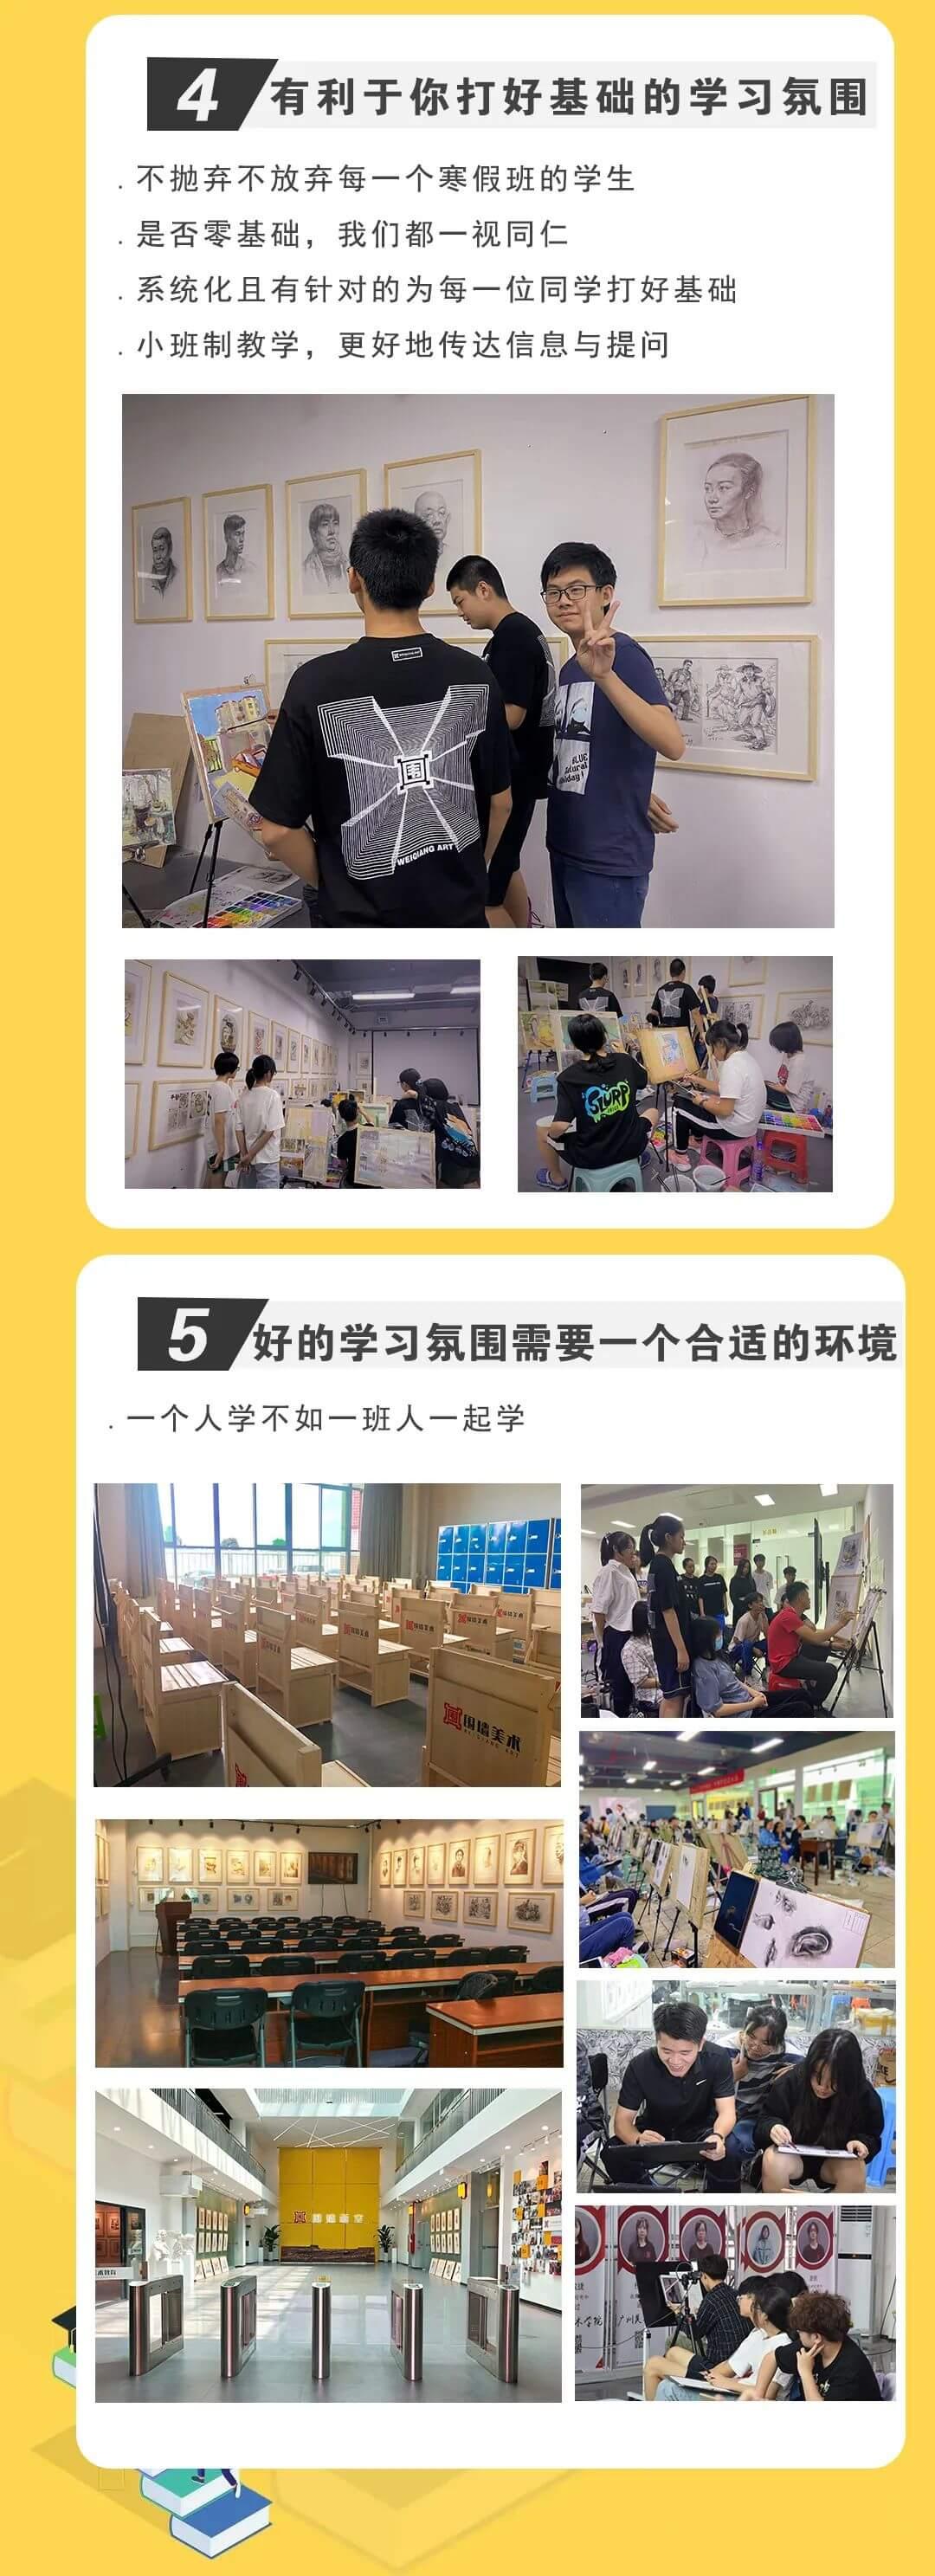 【广州围墙画室寒假班预报名已开启】为梦而生,传奇由你缔造附图6